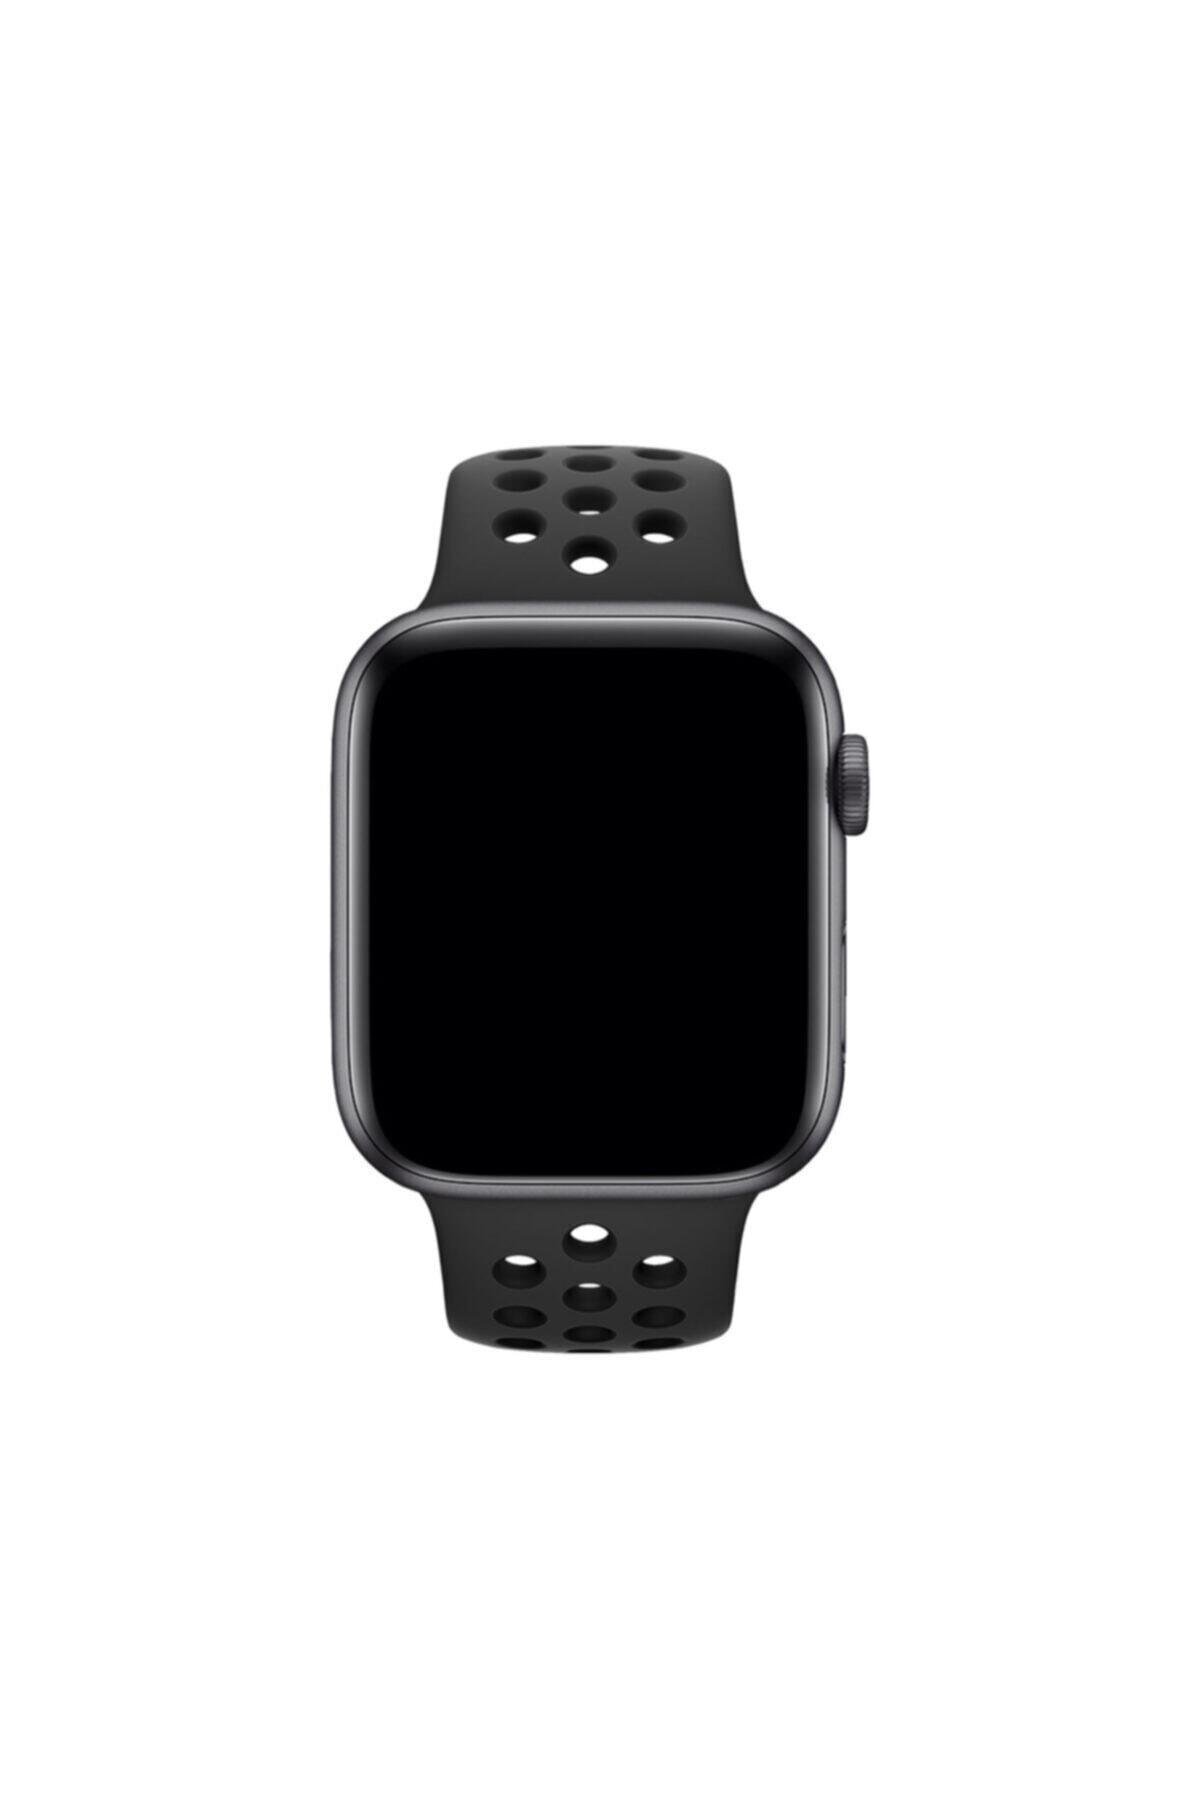 Deilmi Watch 6 Special 2021 Versiyon Ios Android Uyumlu Akıllı Saat Türkçe Menü(yedek Kordon+kablosuz Şarj) 1